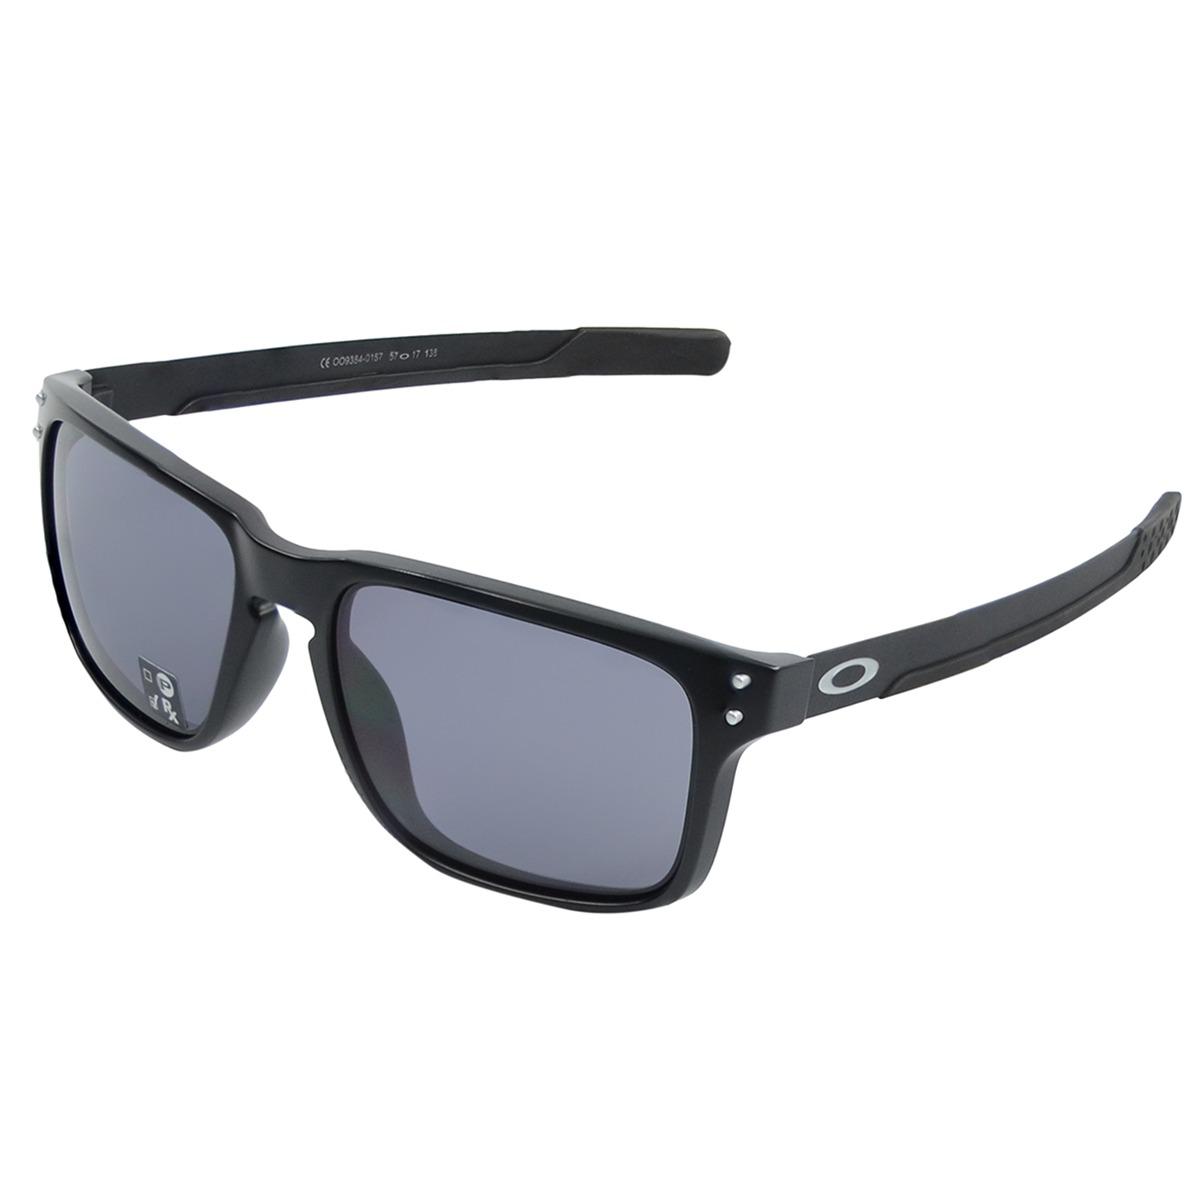 Óculos Oakley Holbrook Mix Matte Black  Lente Grey - R  569,00 em ... 265e89e54f